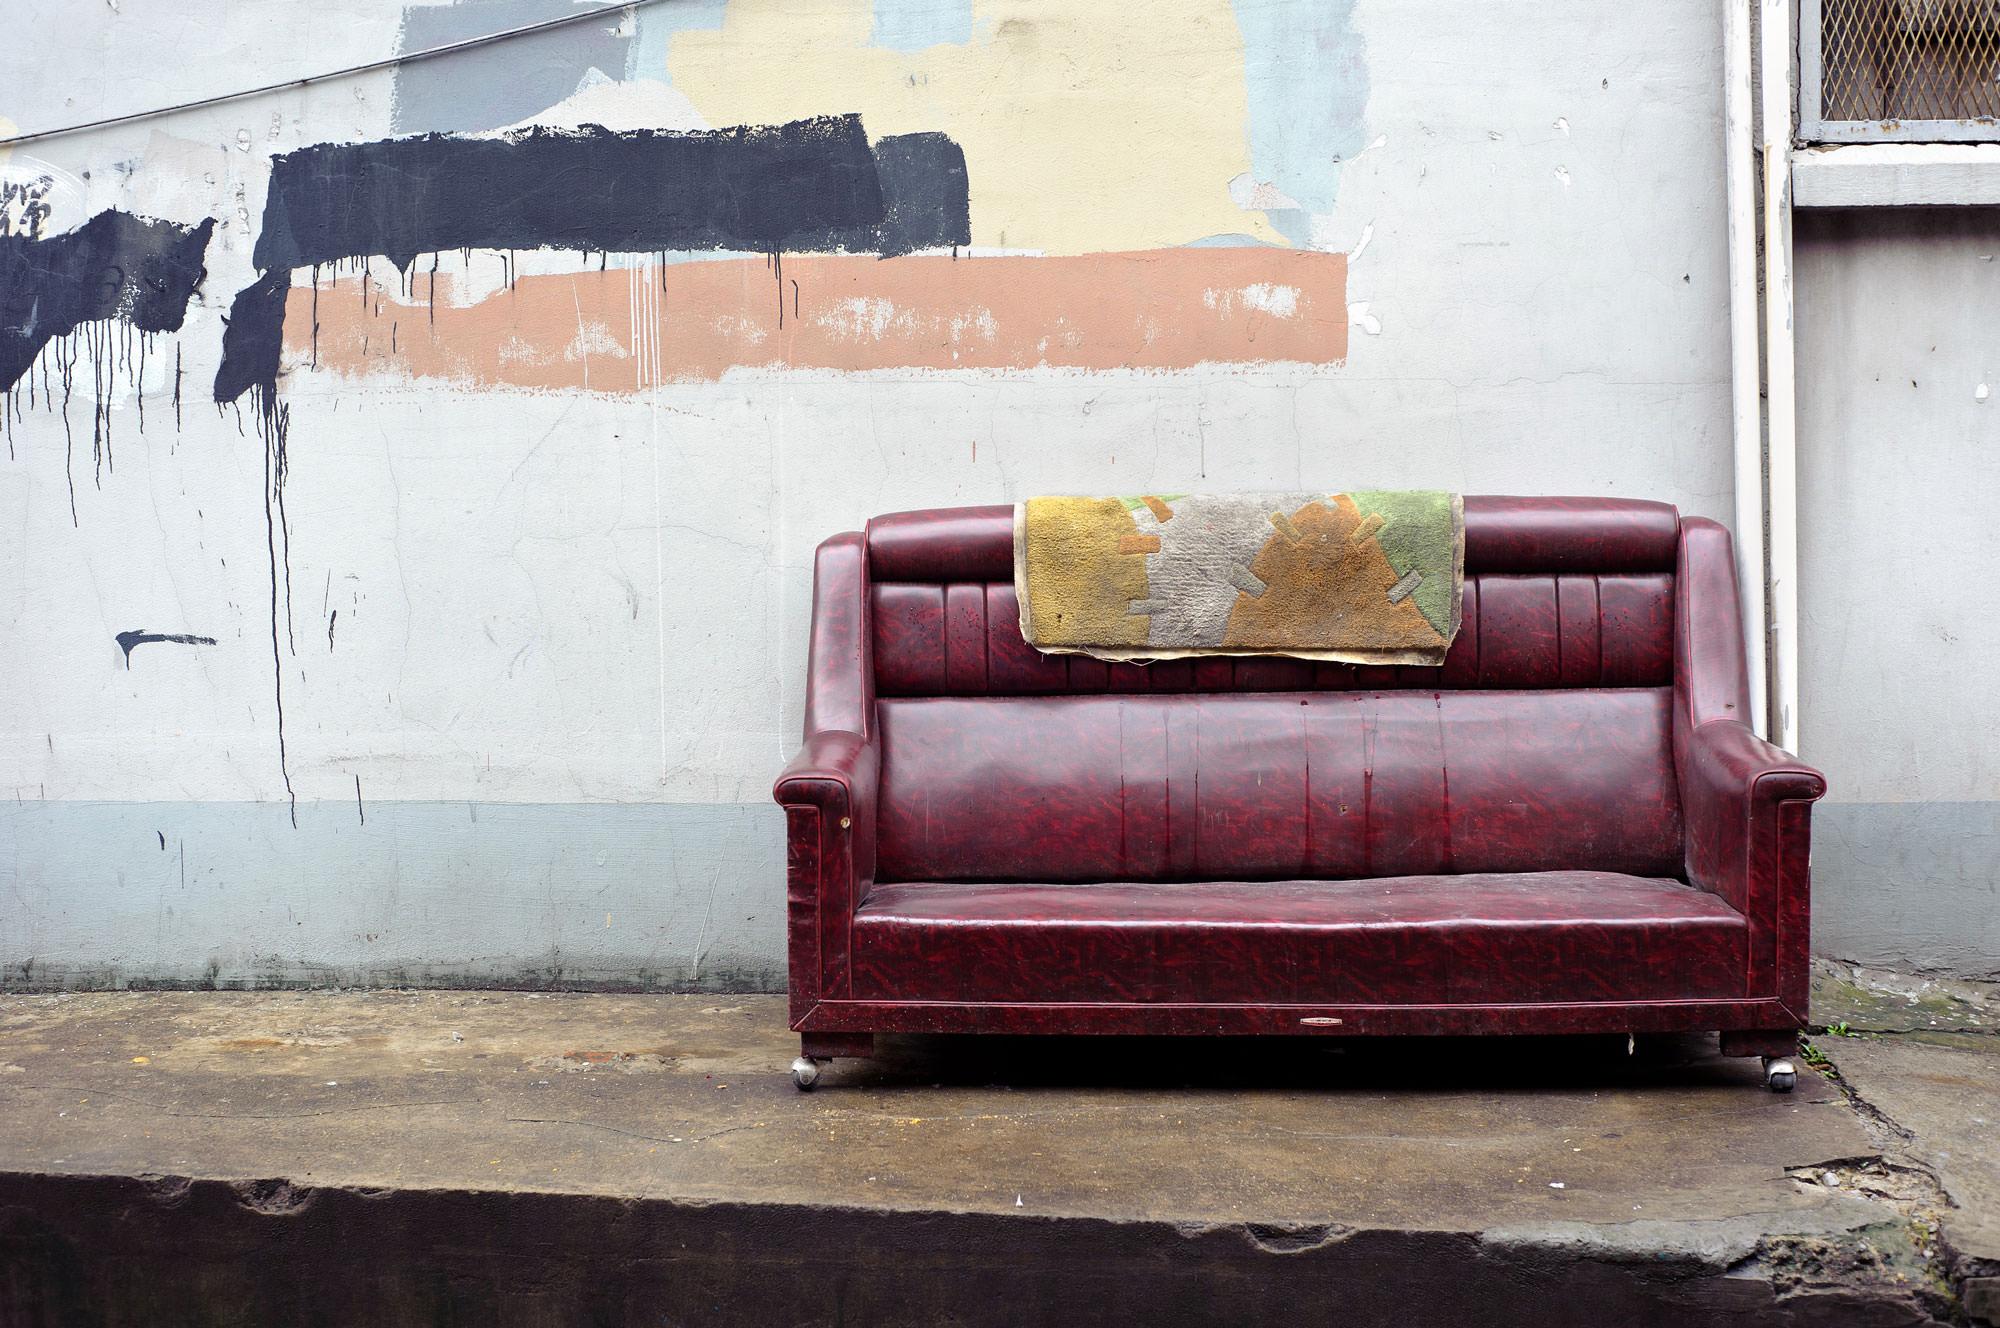 Ciudadano inagra for Recogida muebles cadiz